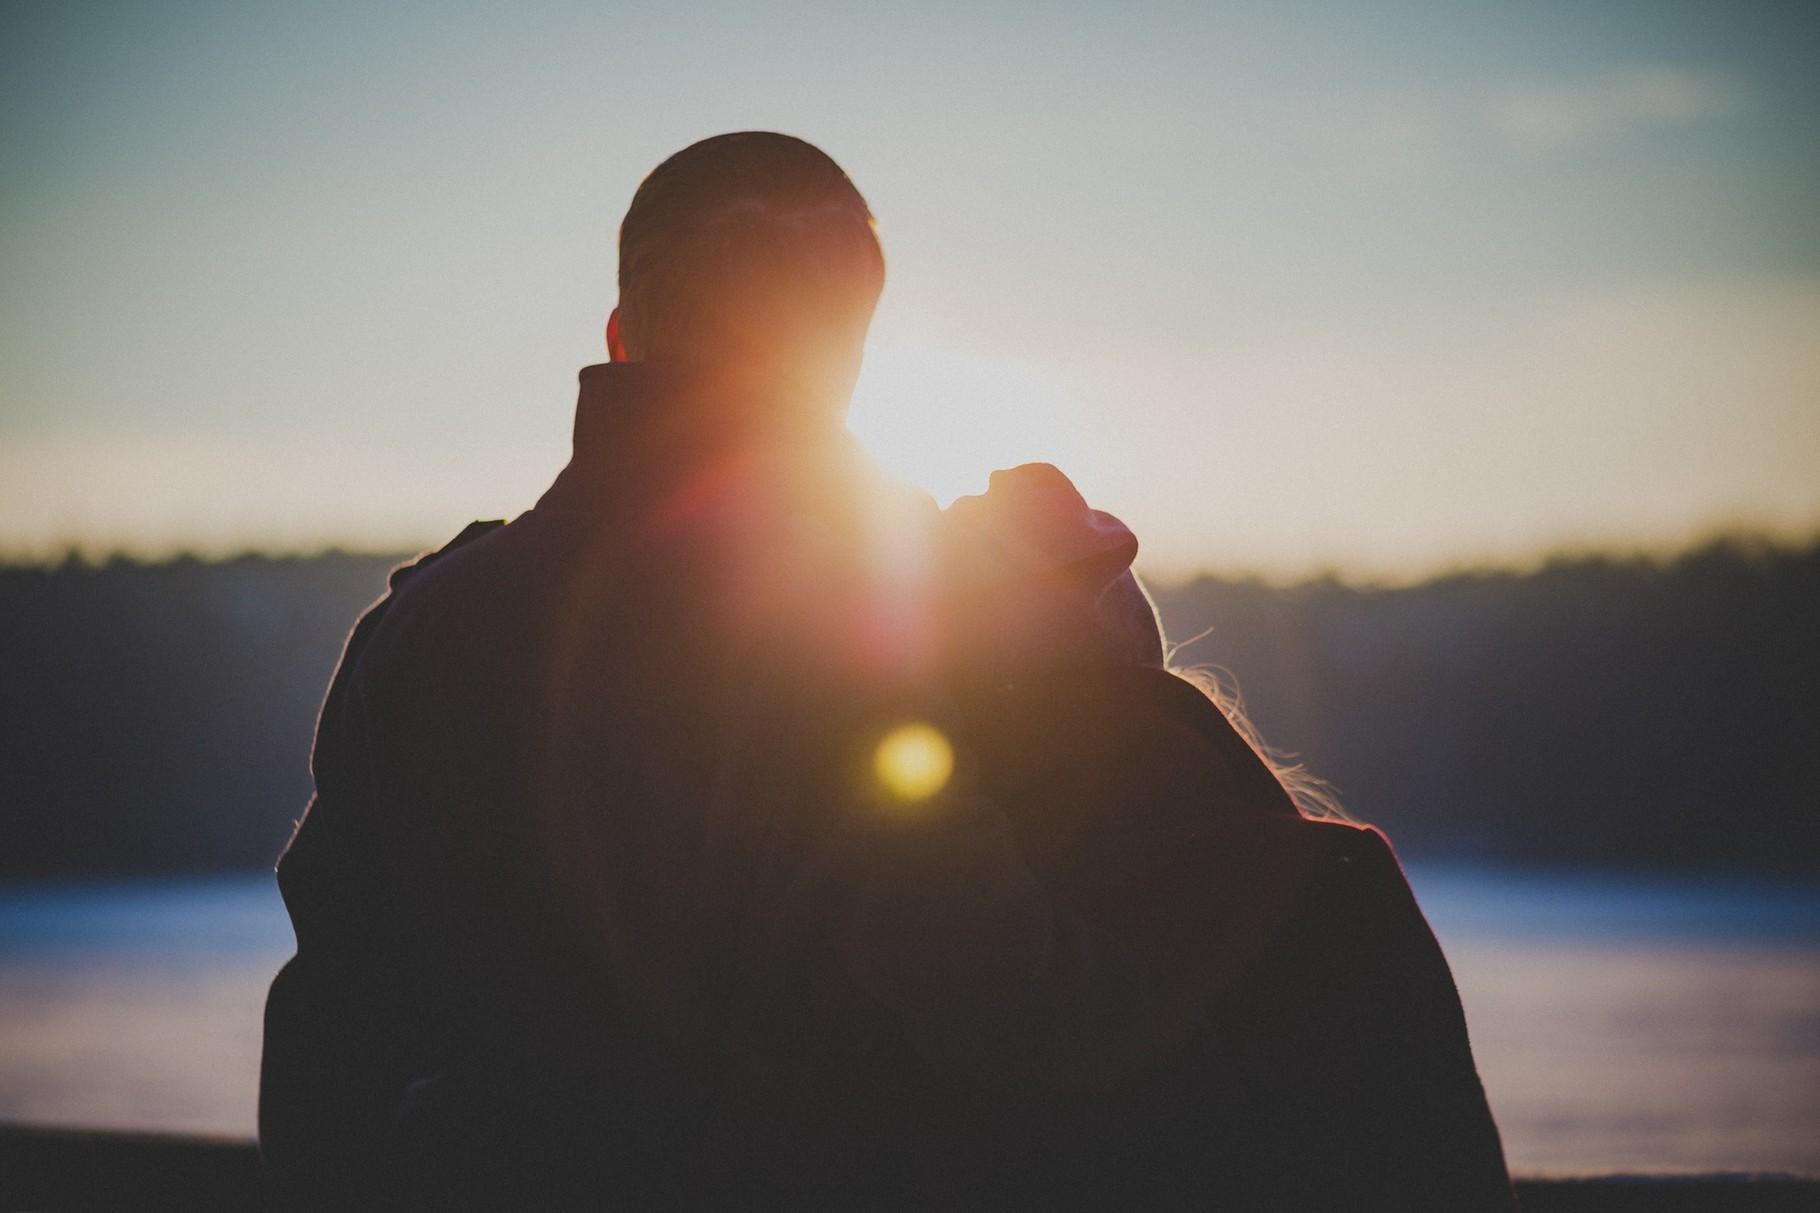 Außergewöhnlich übernachten: Ob frisch verliebt oder lang verheiratet - die Kuschelzeit im Schlaffass bleibt in Erinnerung!